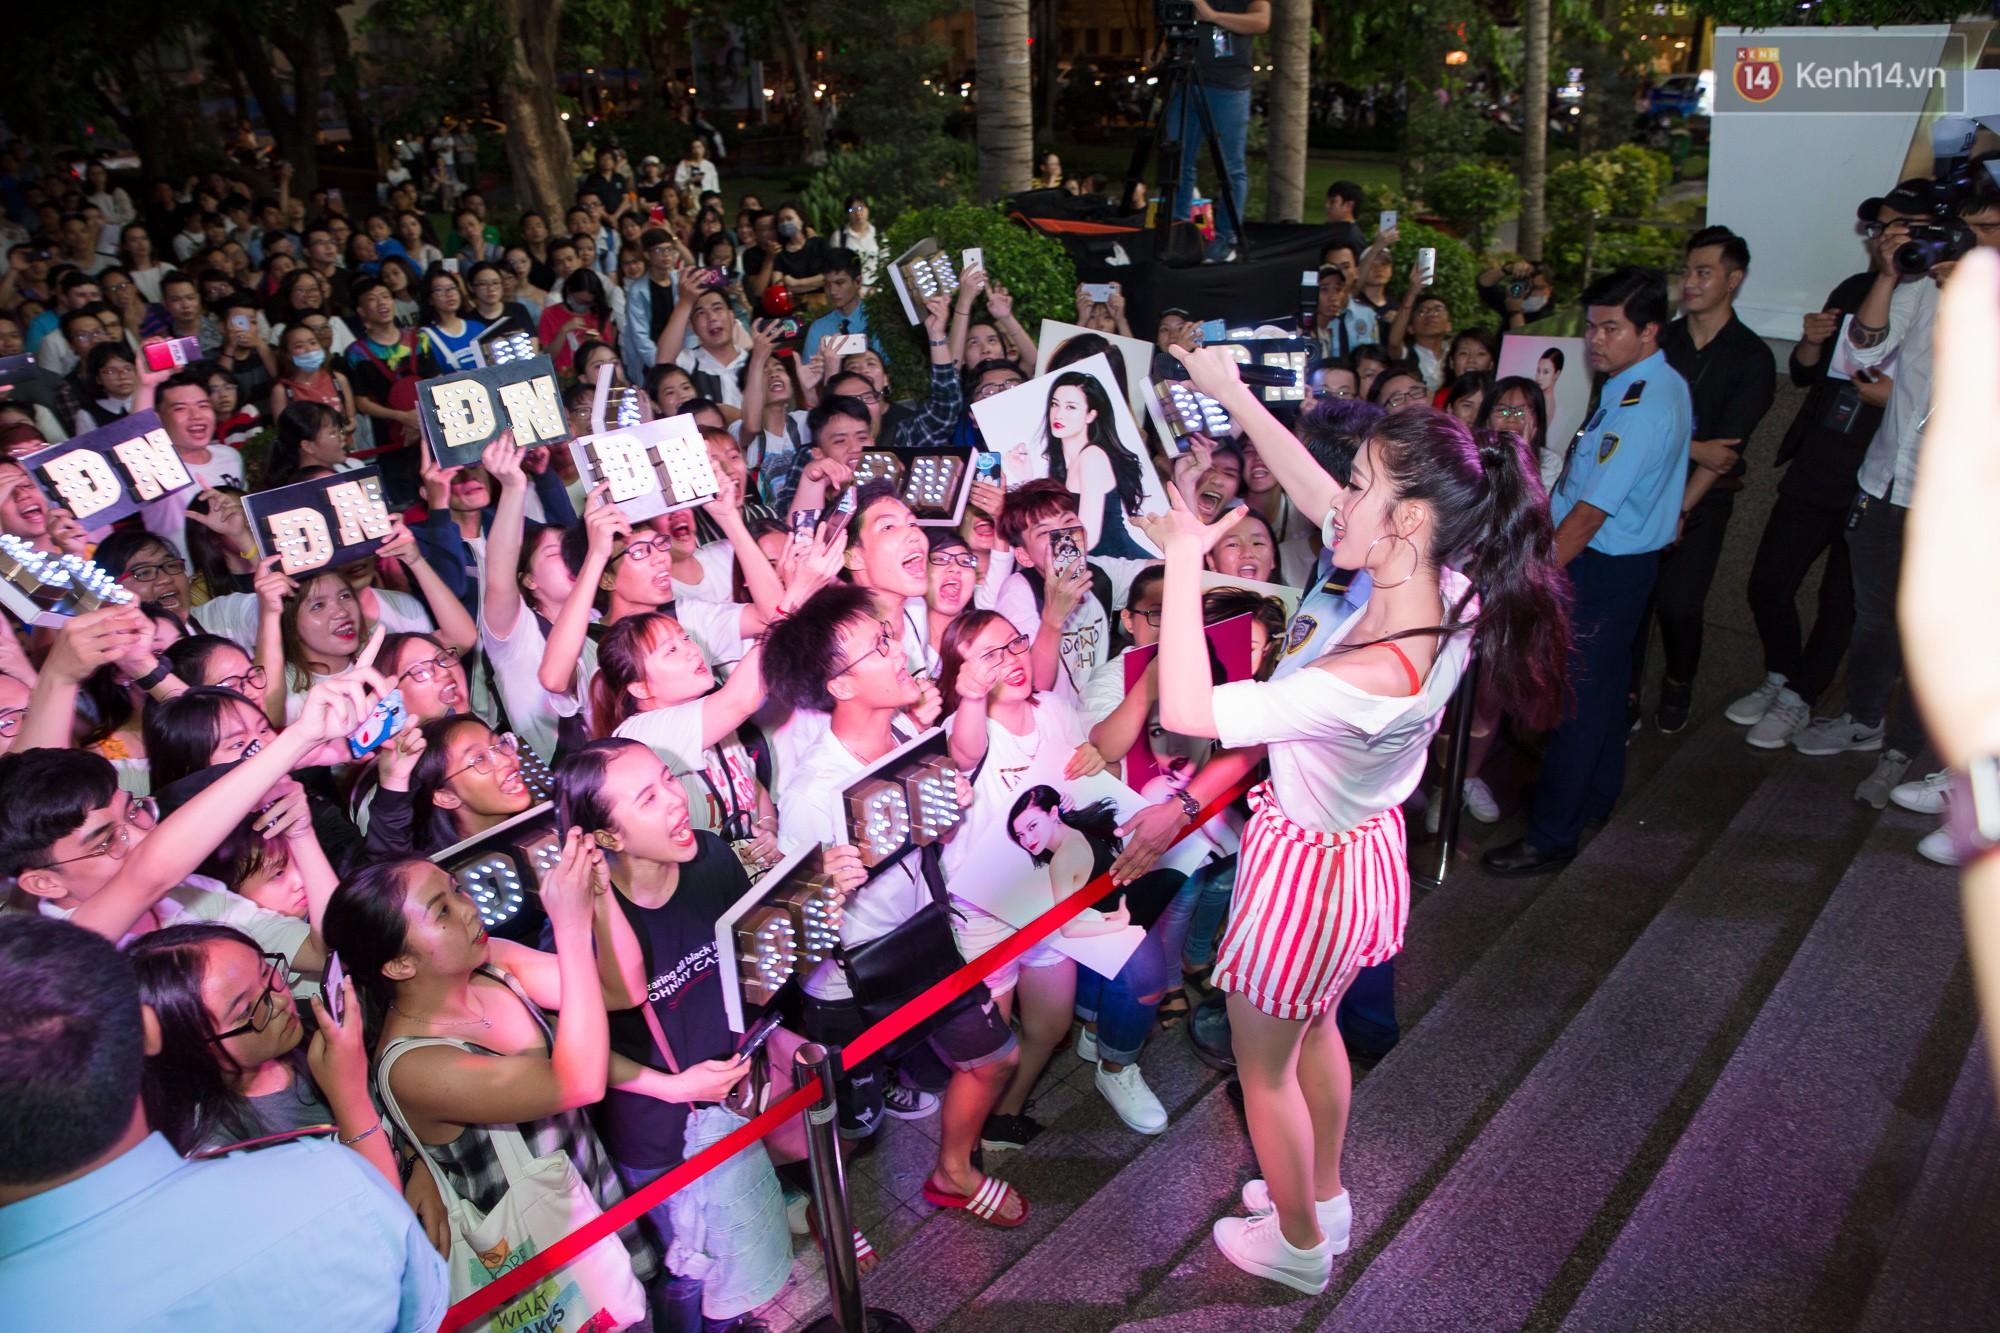 Đông Nhi diện bralette gợi cảm, khiến khán giả trên đường phố phấn khích với loạt tiết mục sôi động - Ảnh 6.